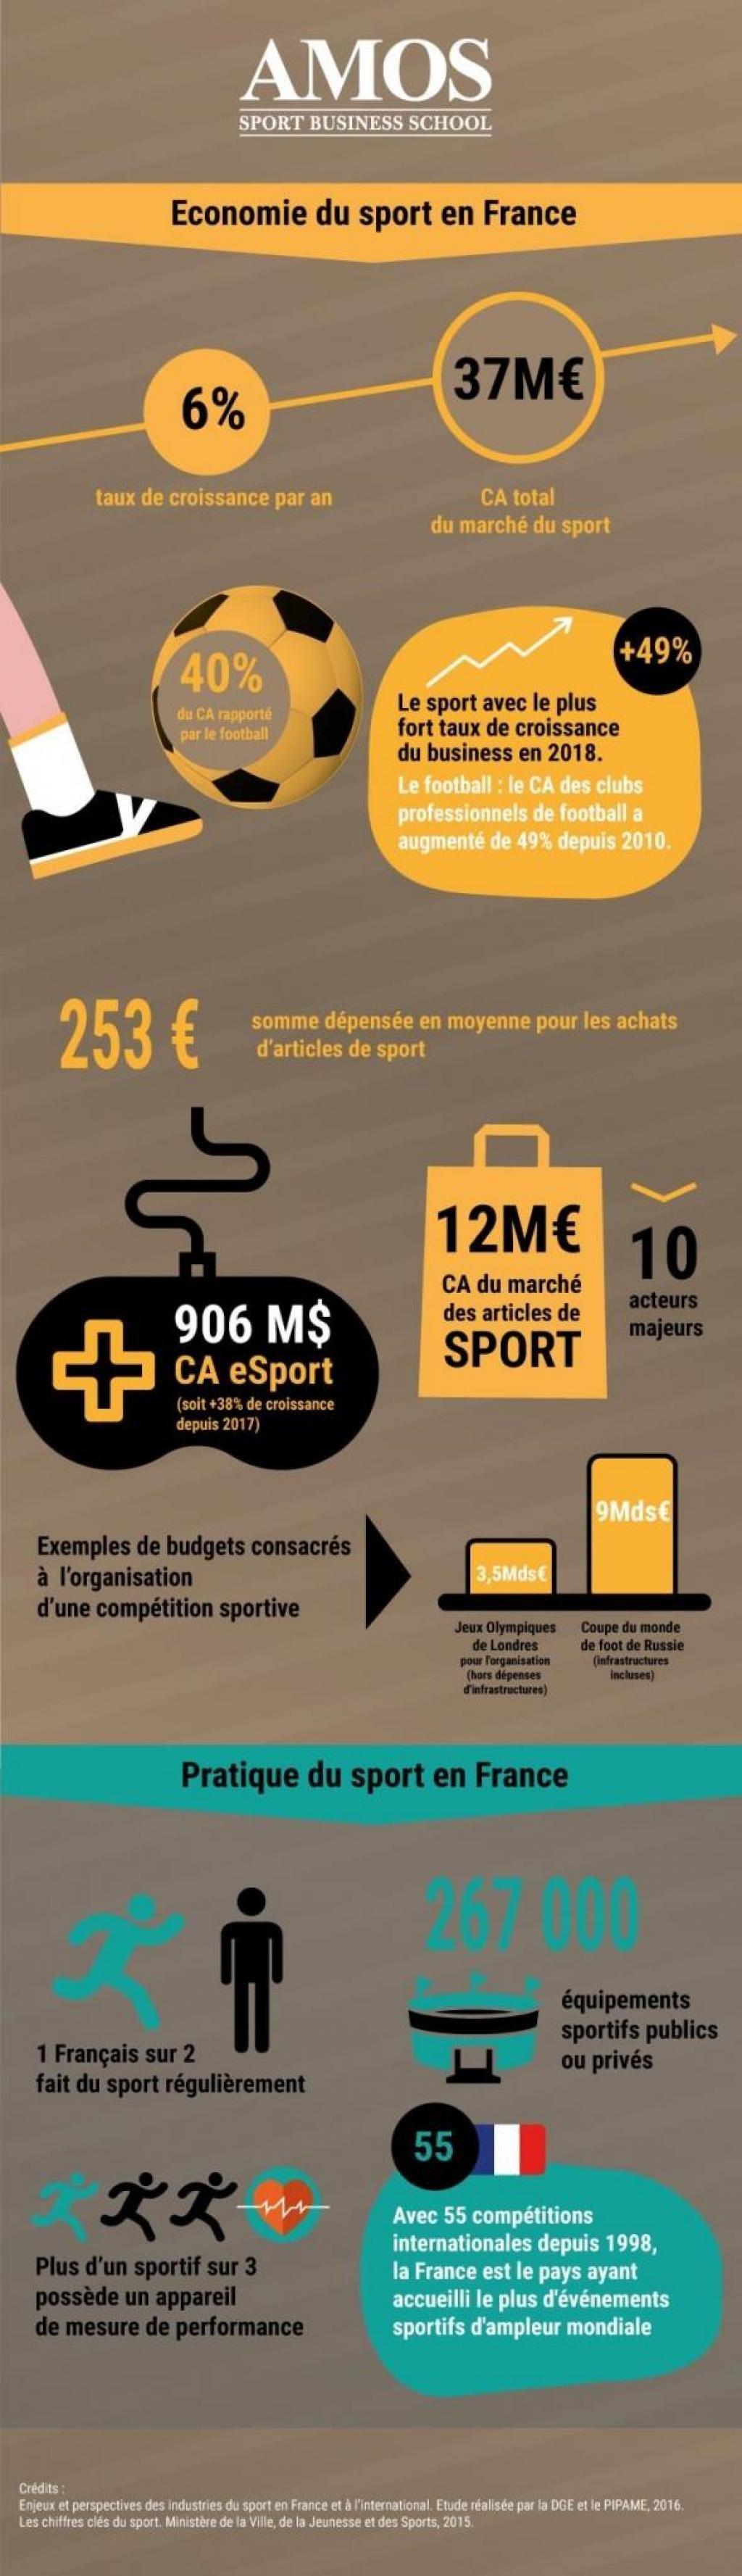 Les chiffes clés du sport business en France //©Amos